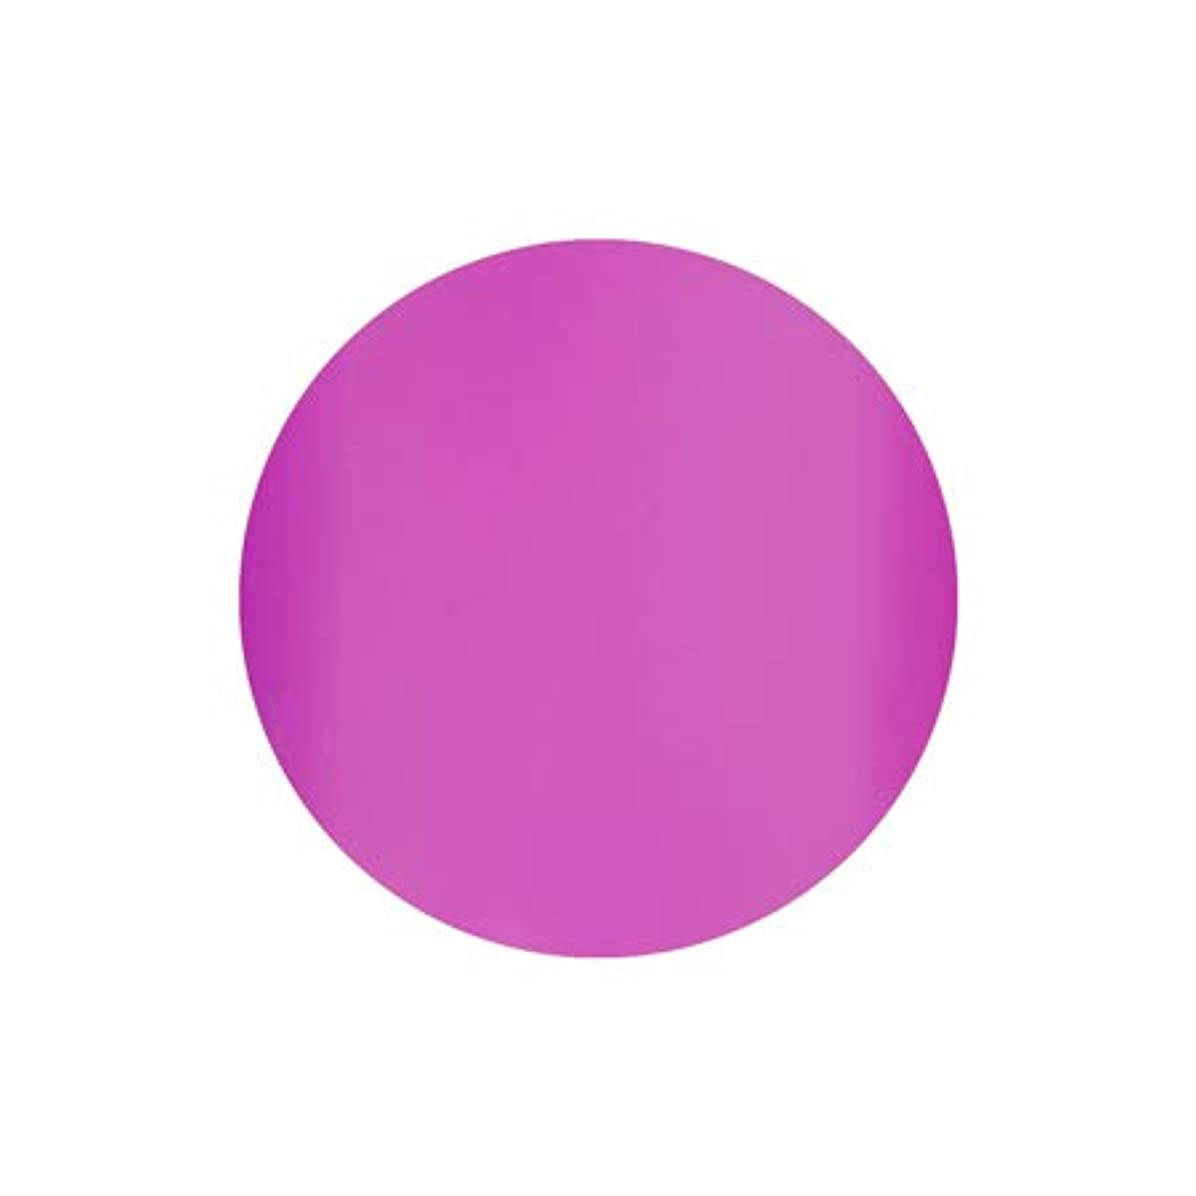 慈悲グラディスメロディーT-GEL COLLECTION カラージェル D230 シフォンピンク 4ml